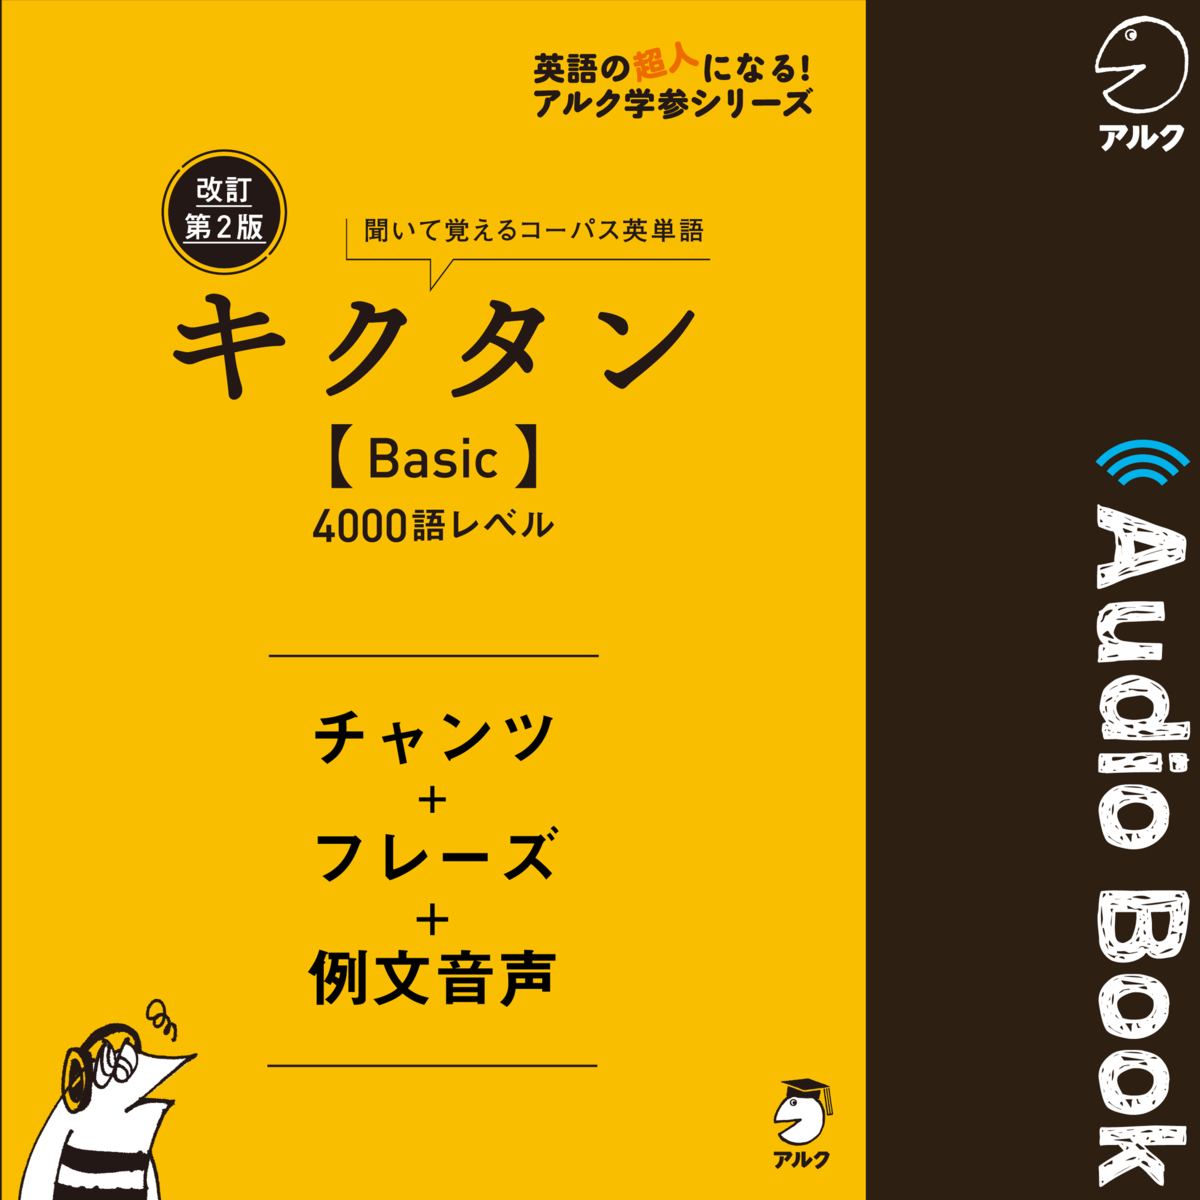 改訂第2版キクタン【Basic】4000語レベル チャンツ+フレーズ+例文音声